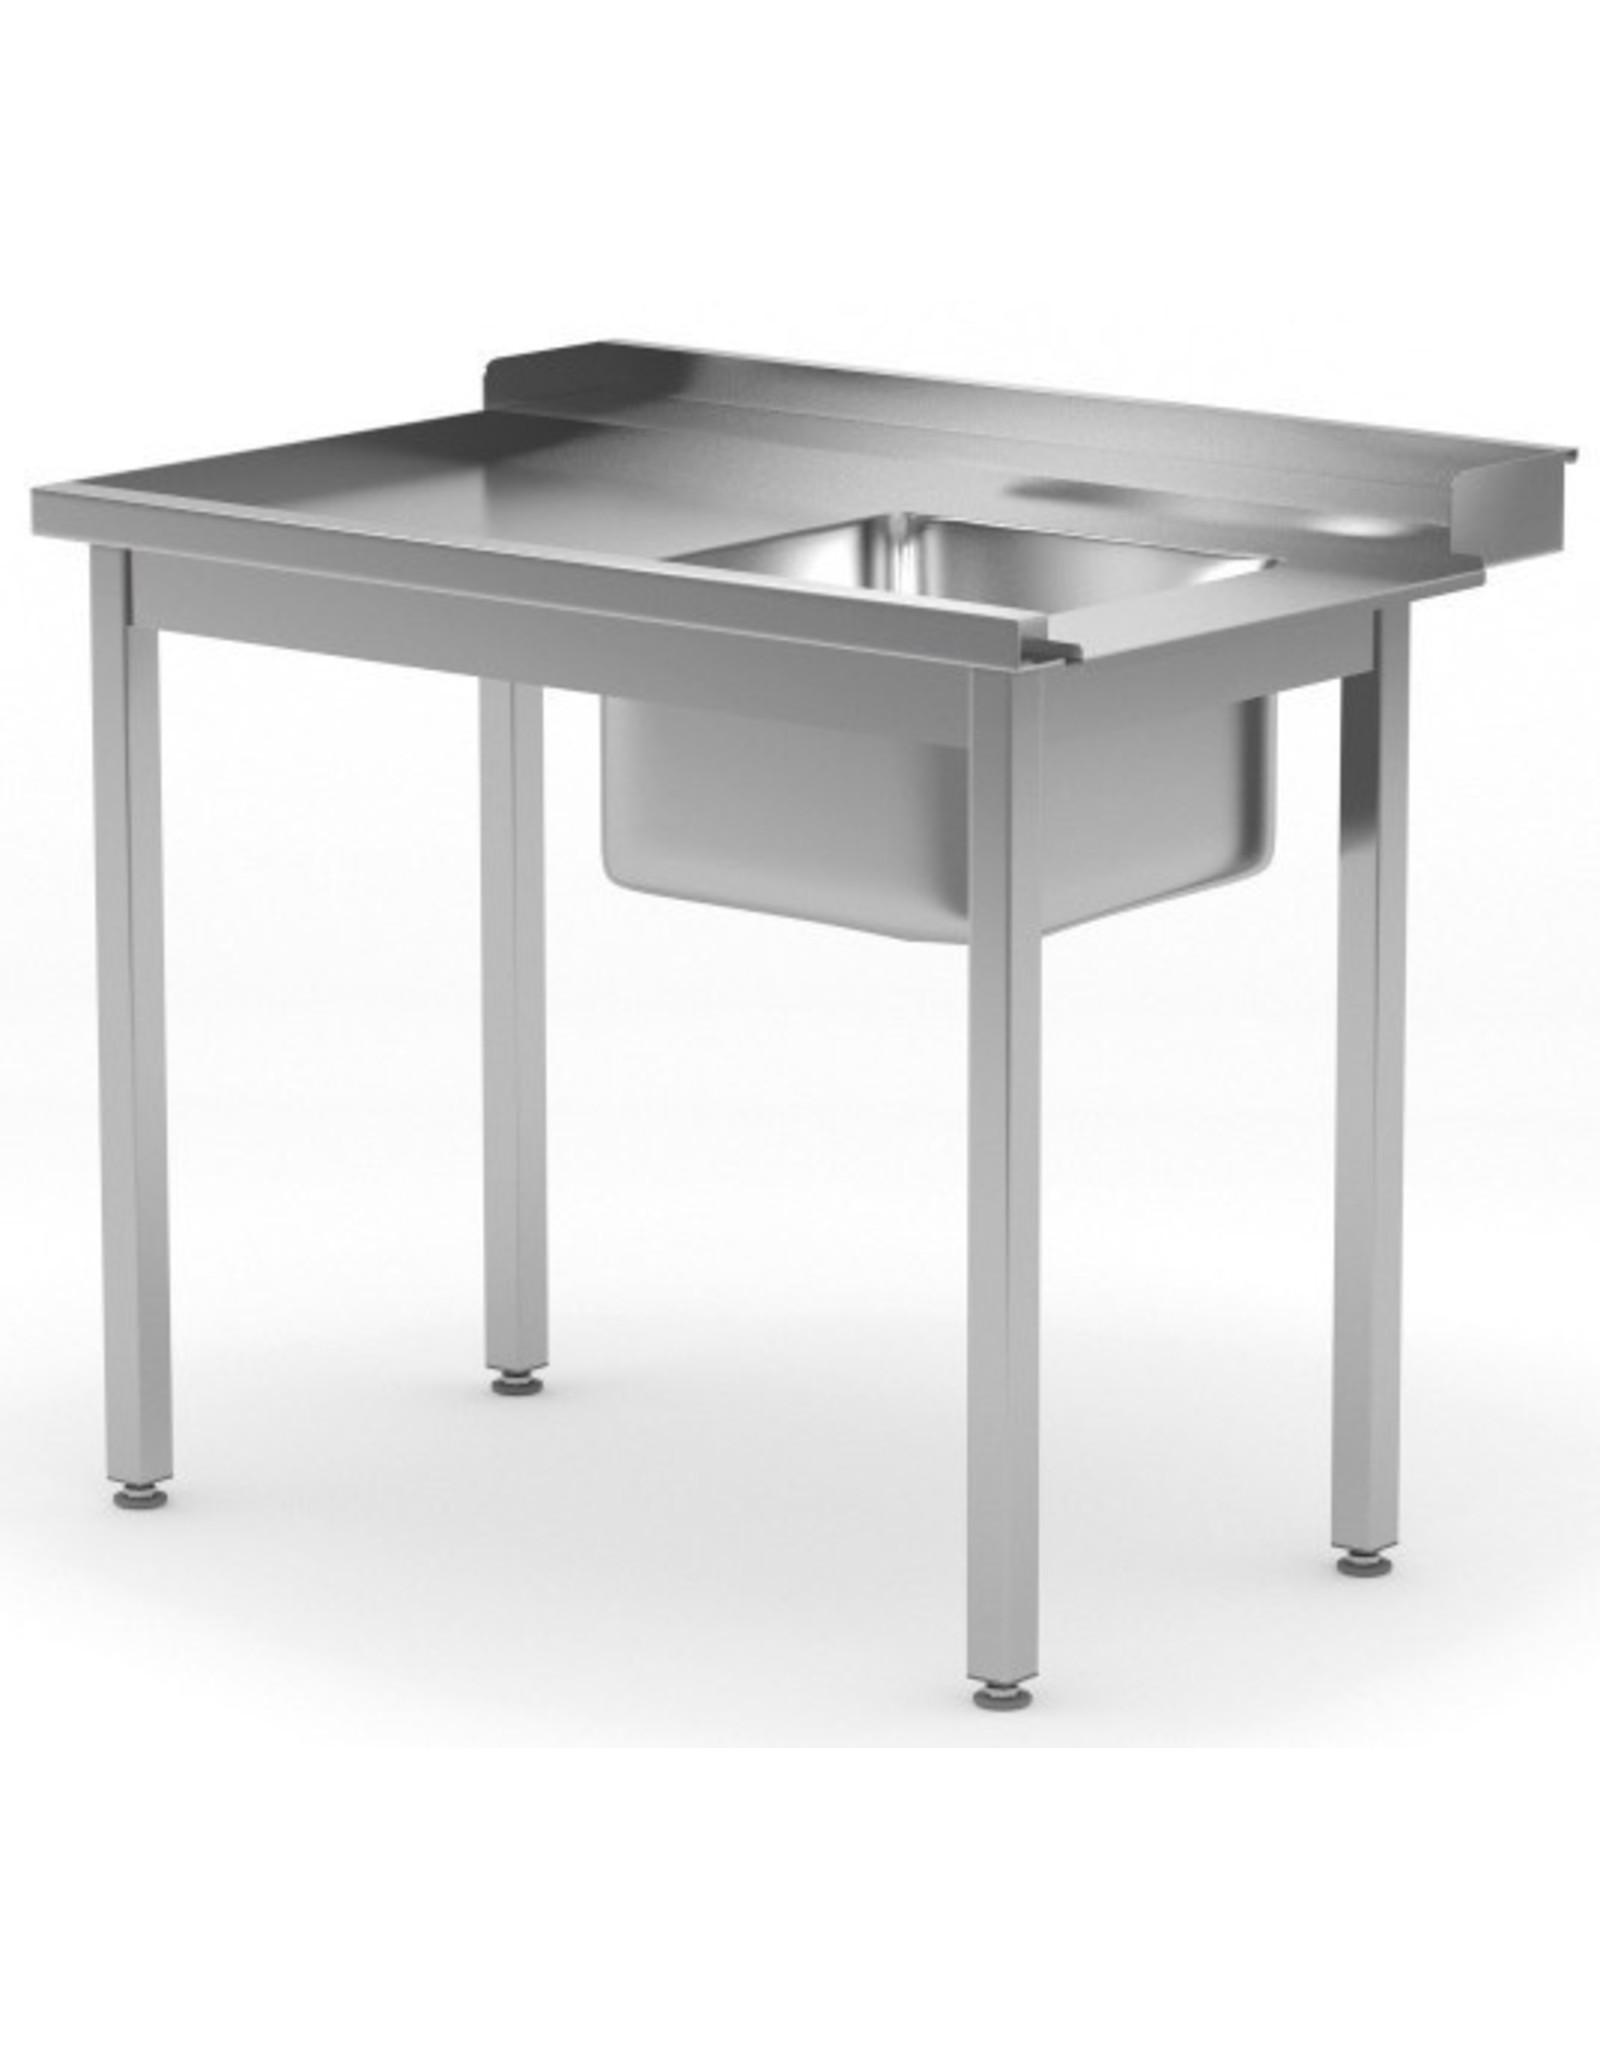 Aanvoertafel doorschuifvaatwasser | open onderkant | links van vaatwasser | 800-1400mm breed | 700 of 760mm diep